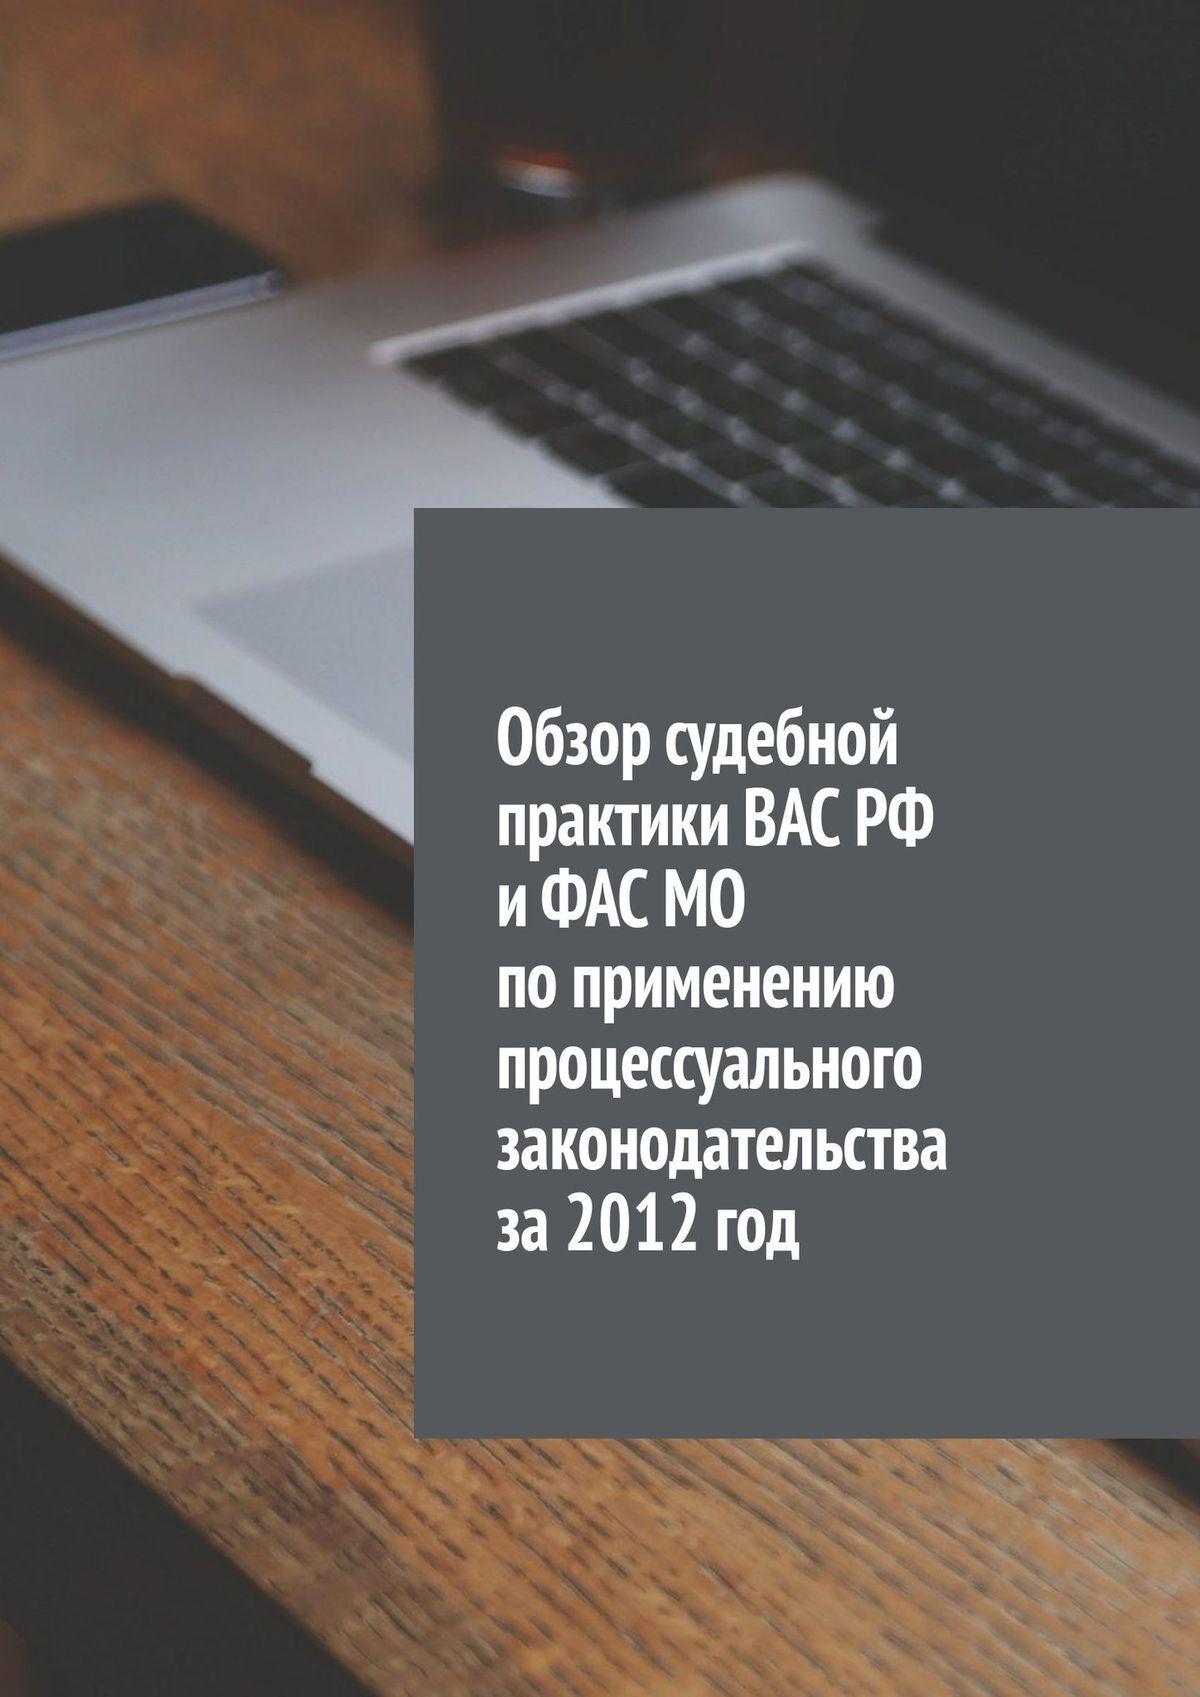 Обзор судебной практики ВАС РФ иФАС МО поприменению процессуального законодательства (АПК, банкротство, исполнительное производство)